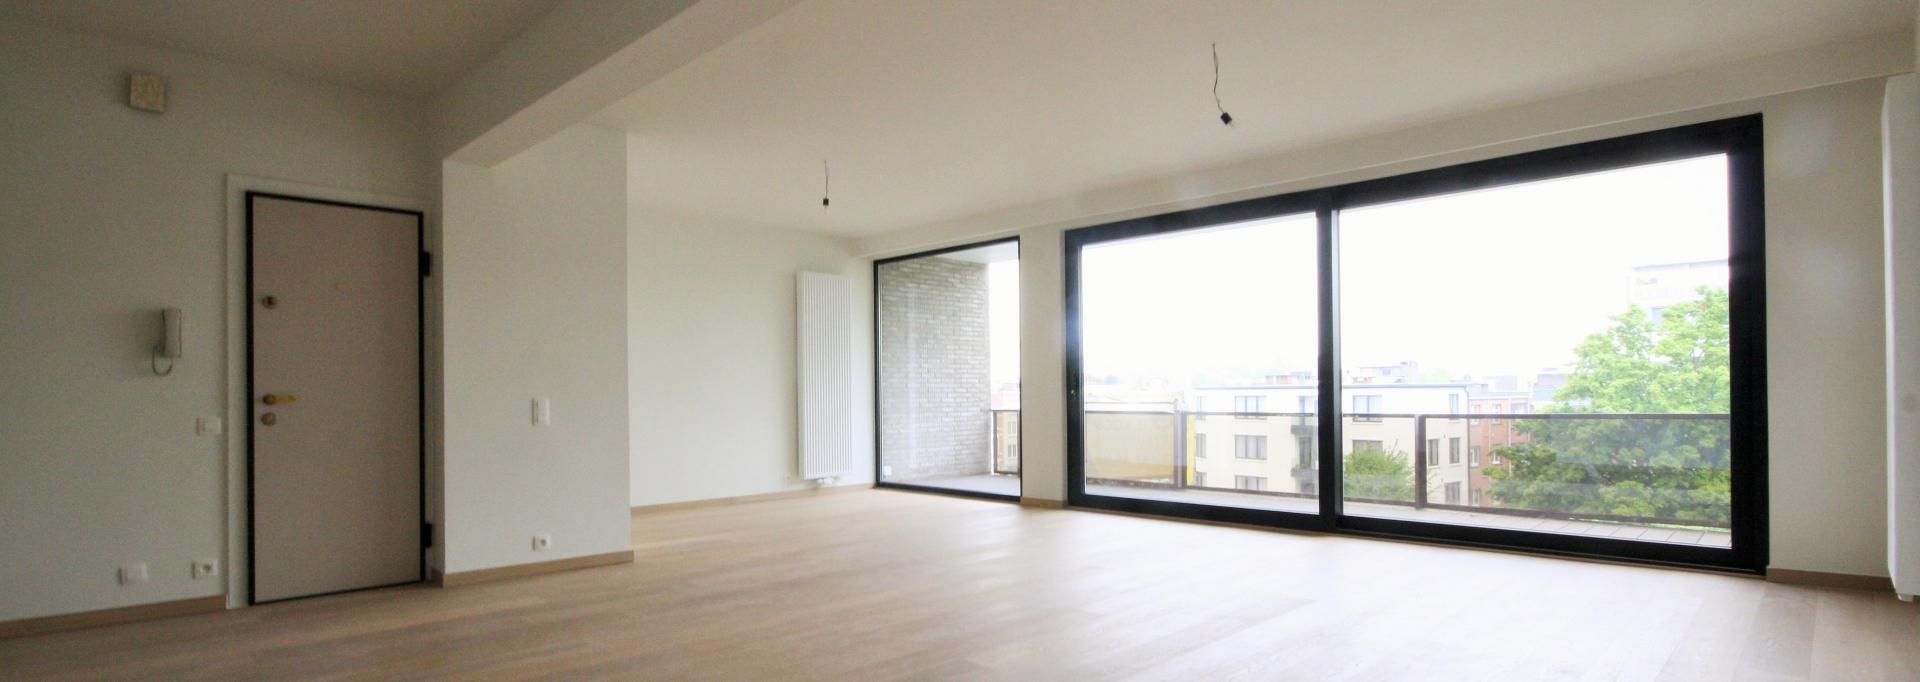 Fruithoflaan - Totale renovatie appartement